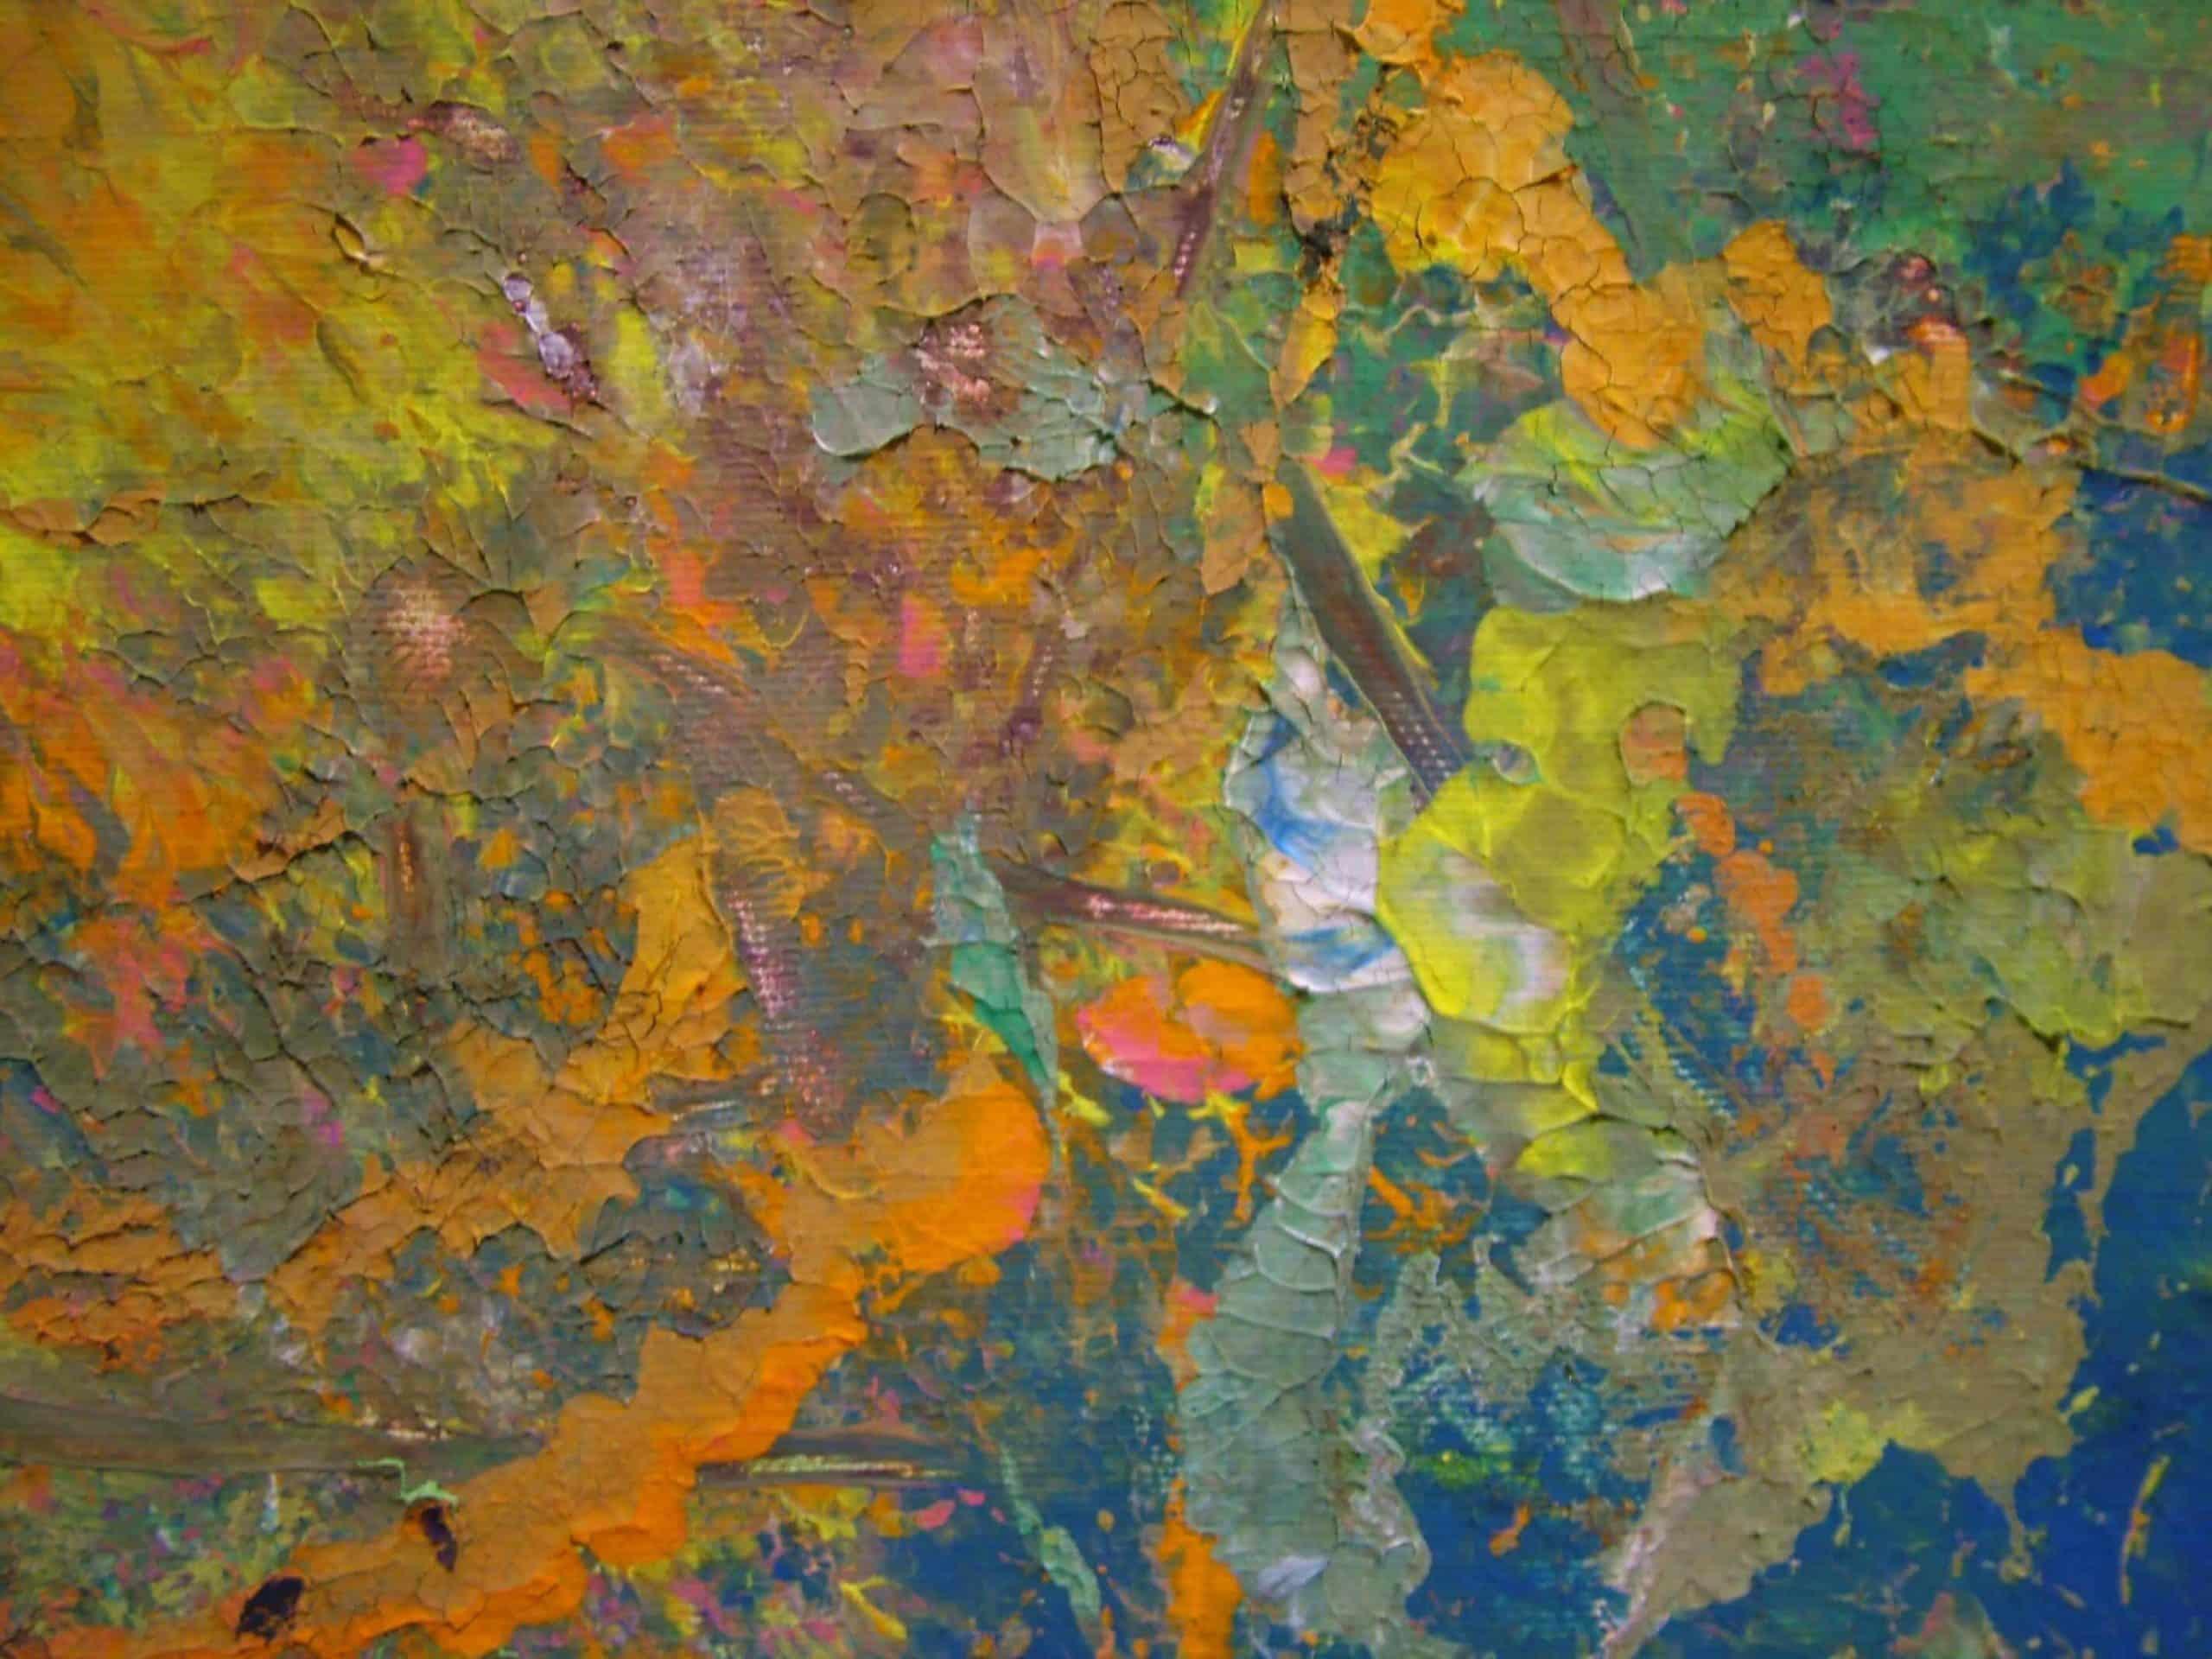 Art Brut Werk von Künstlern der Förderstättte der Lebenshilfe e.V. Passau #5